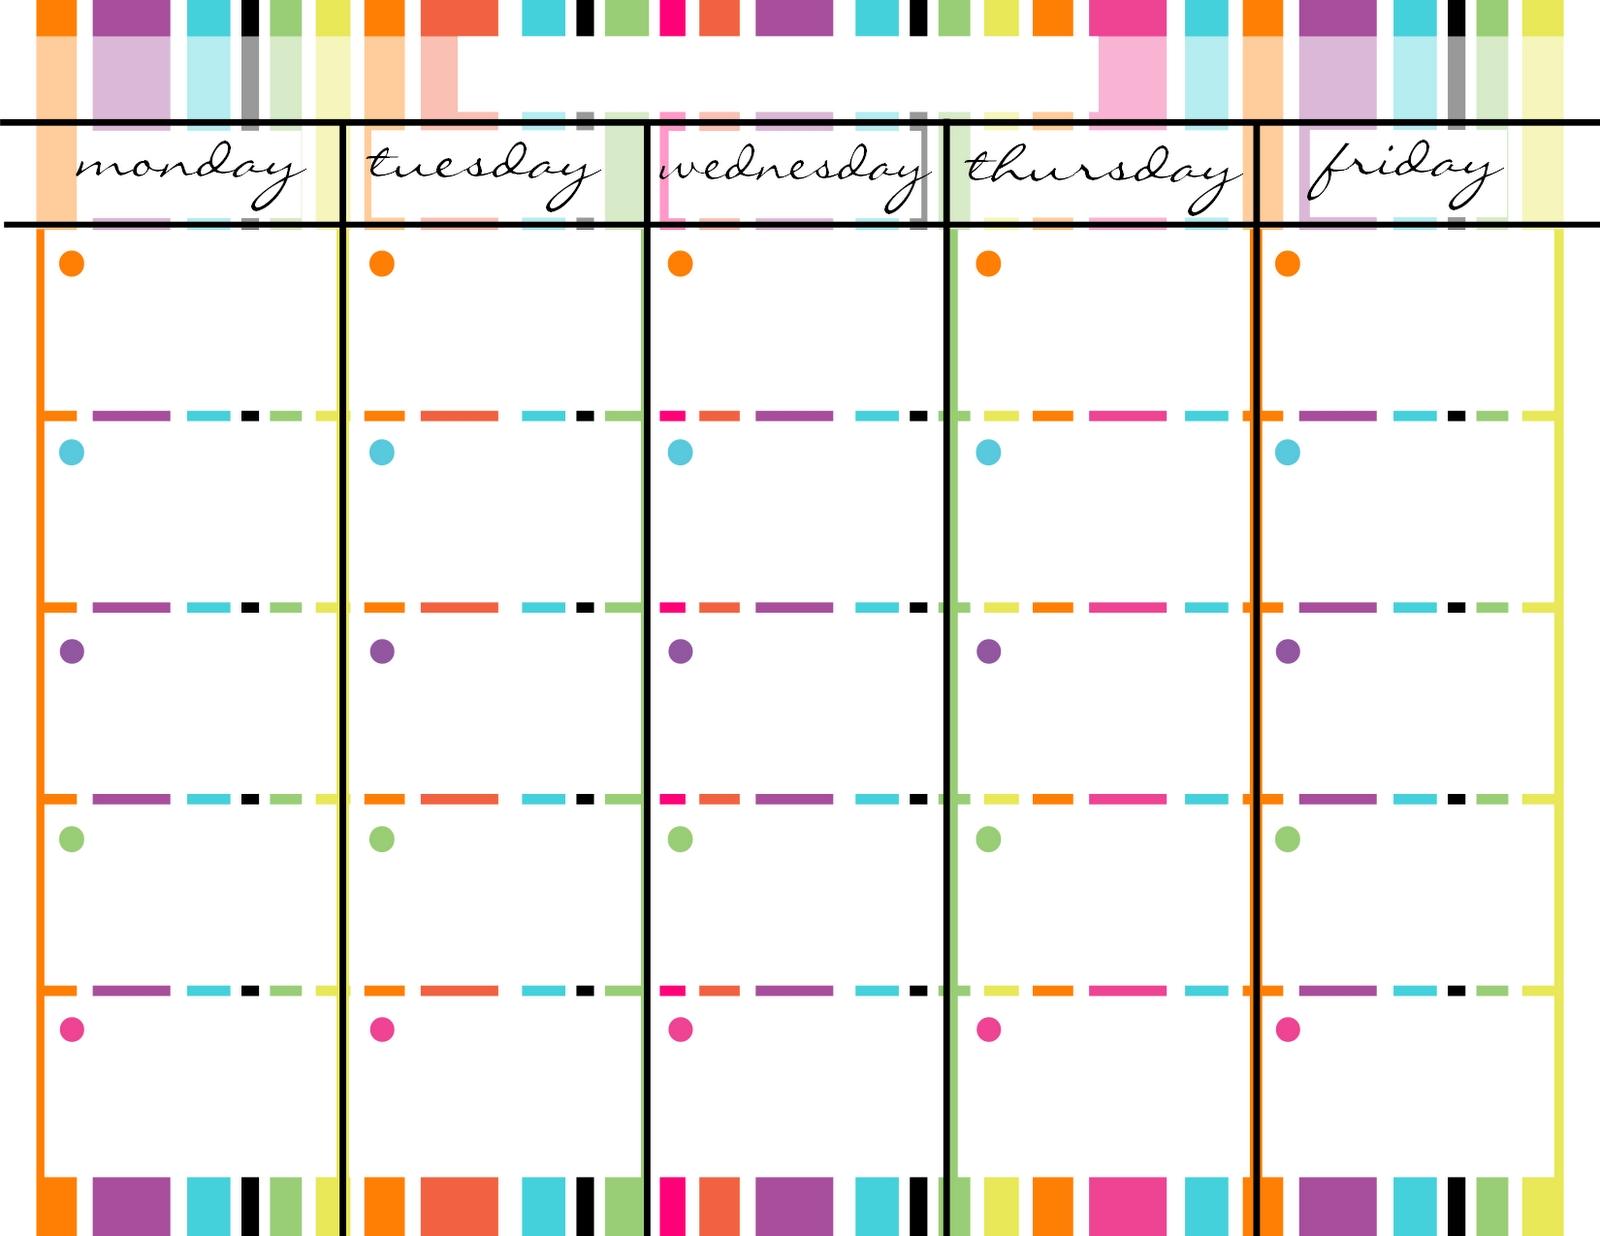 Blank Monday Through Friday Printable Calendar | Blank within Blank Monday Through Friday Schedule